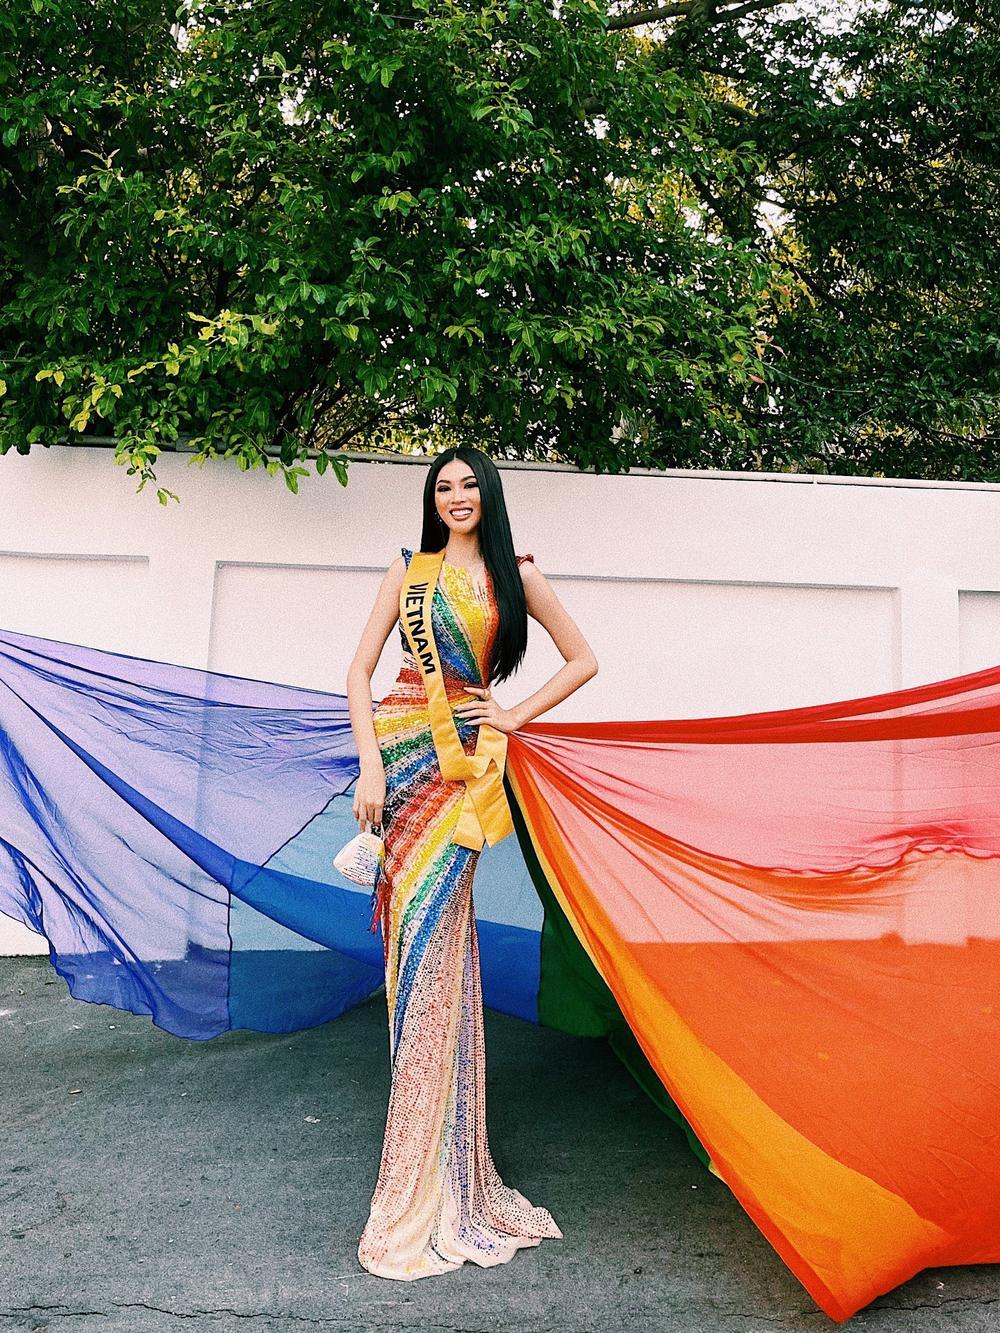 Hành trình lọt Top 20 của Ngọc Thảo: Nàng hậu 21 tuổi bản lĩnh chinh phục Miss Grand giữa mùa dịch! Ảnh 11